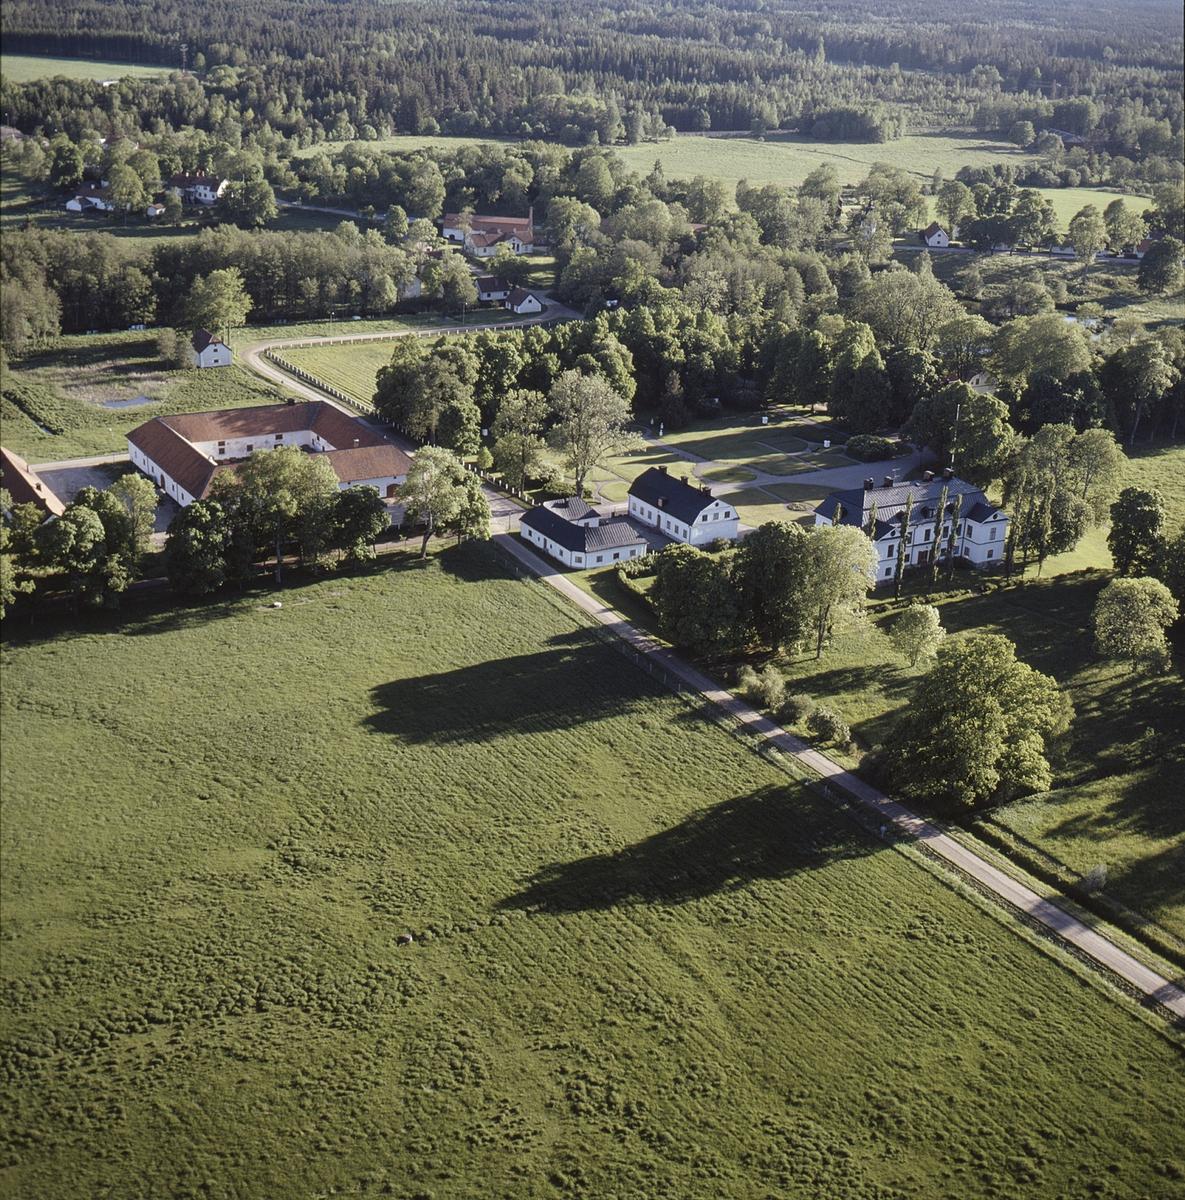 Vy över Hargs herrgård, Hargs socken, Uppland juli 1989